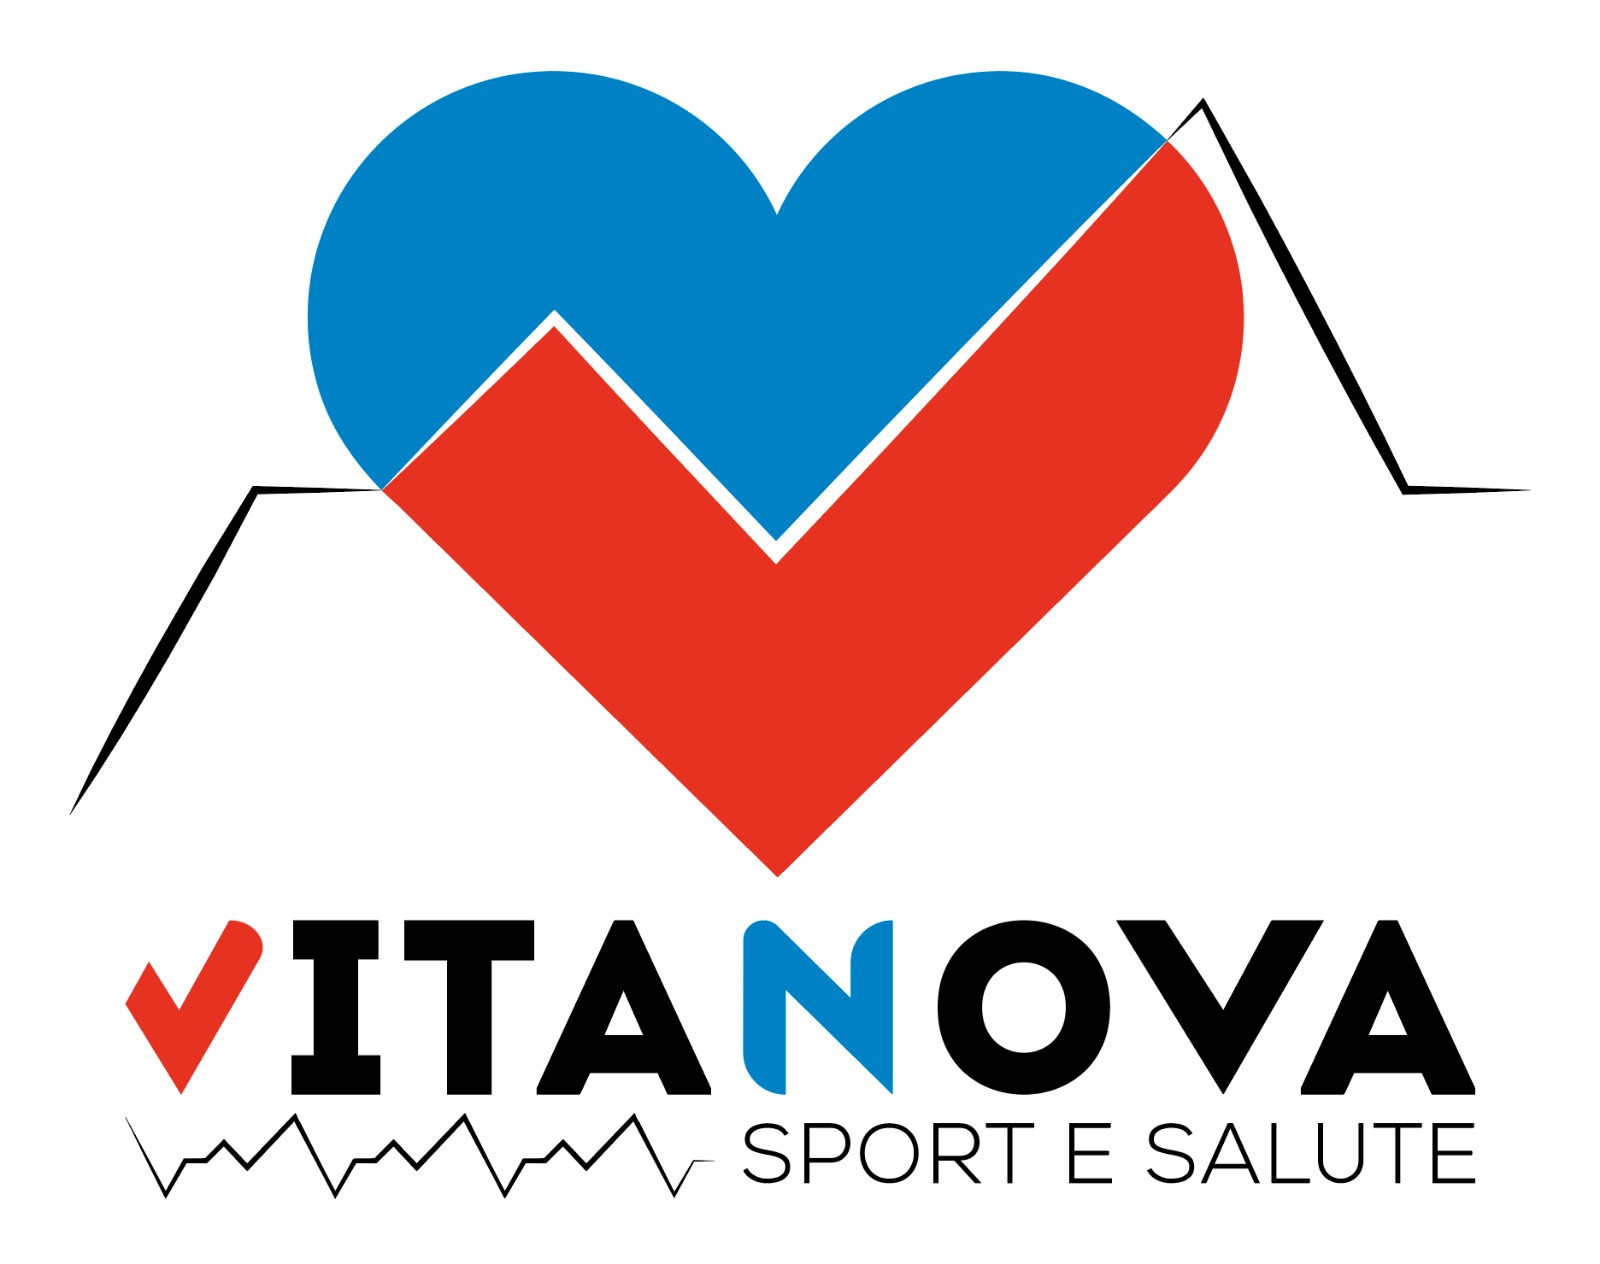 Contatti Vitanova Palestra Vitanova Sport E Salute